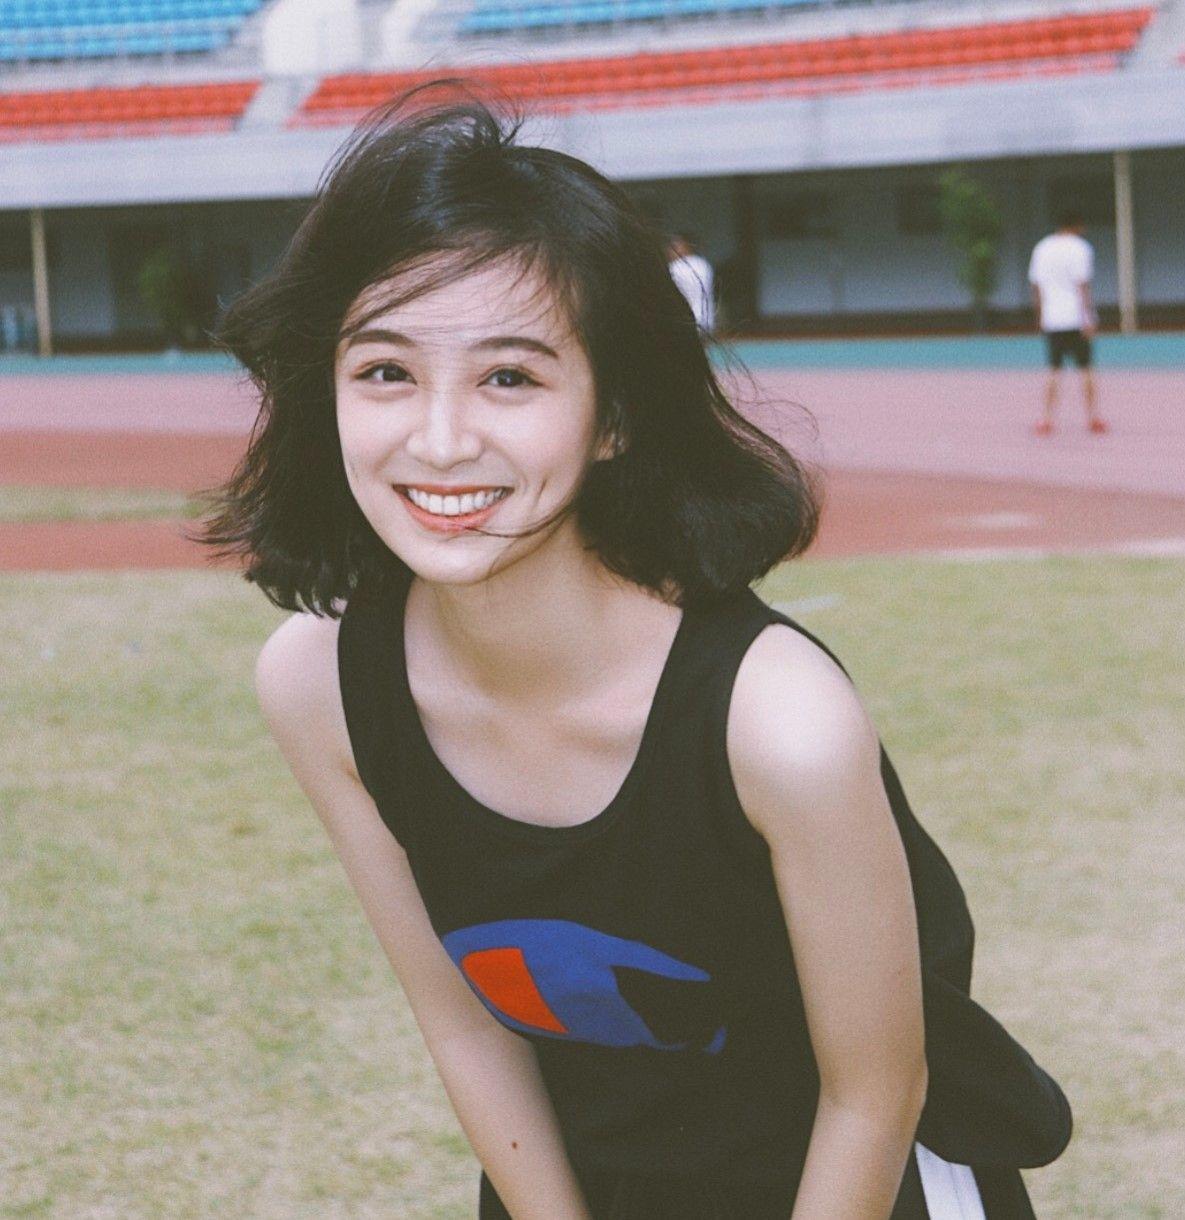 Cô bạn Trung Quốc được mệnh danh hot girl má lúm vì xinh như búp bê - Ảnh 1.